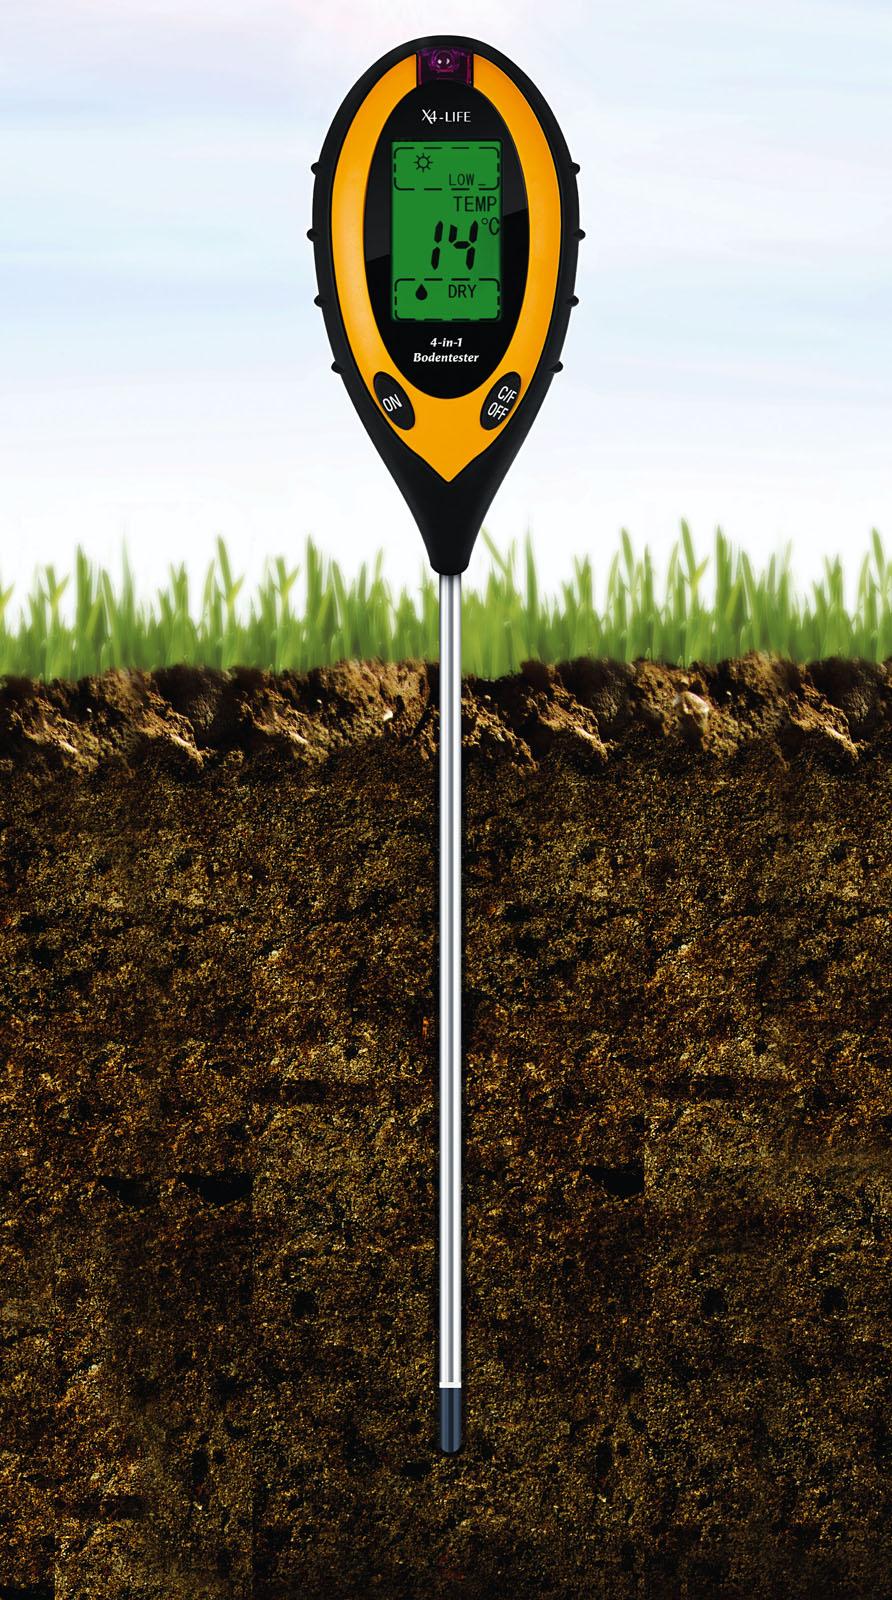 Betrothales Bodentester Digitales Bodenmessger/ät 4 In 1 Erde Feuchtigkeit Meter Chic Bodentester Ph Wert Boden Temperatur Und Sonnenlicht Intensit/ät Tester F/ür Den Garten Landwirtschaft Indoor Outdoor